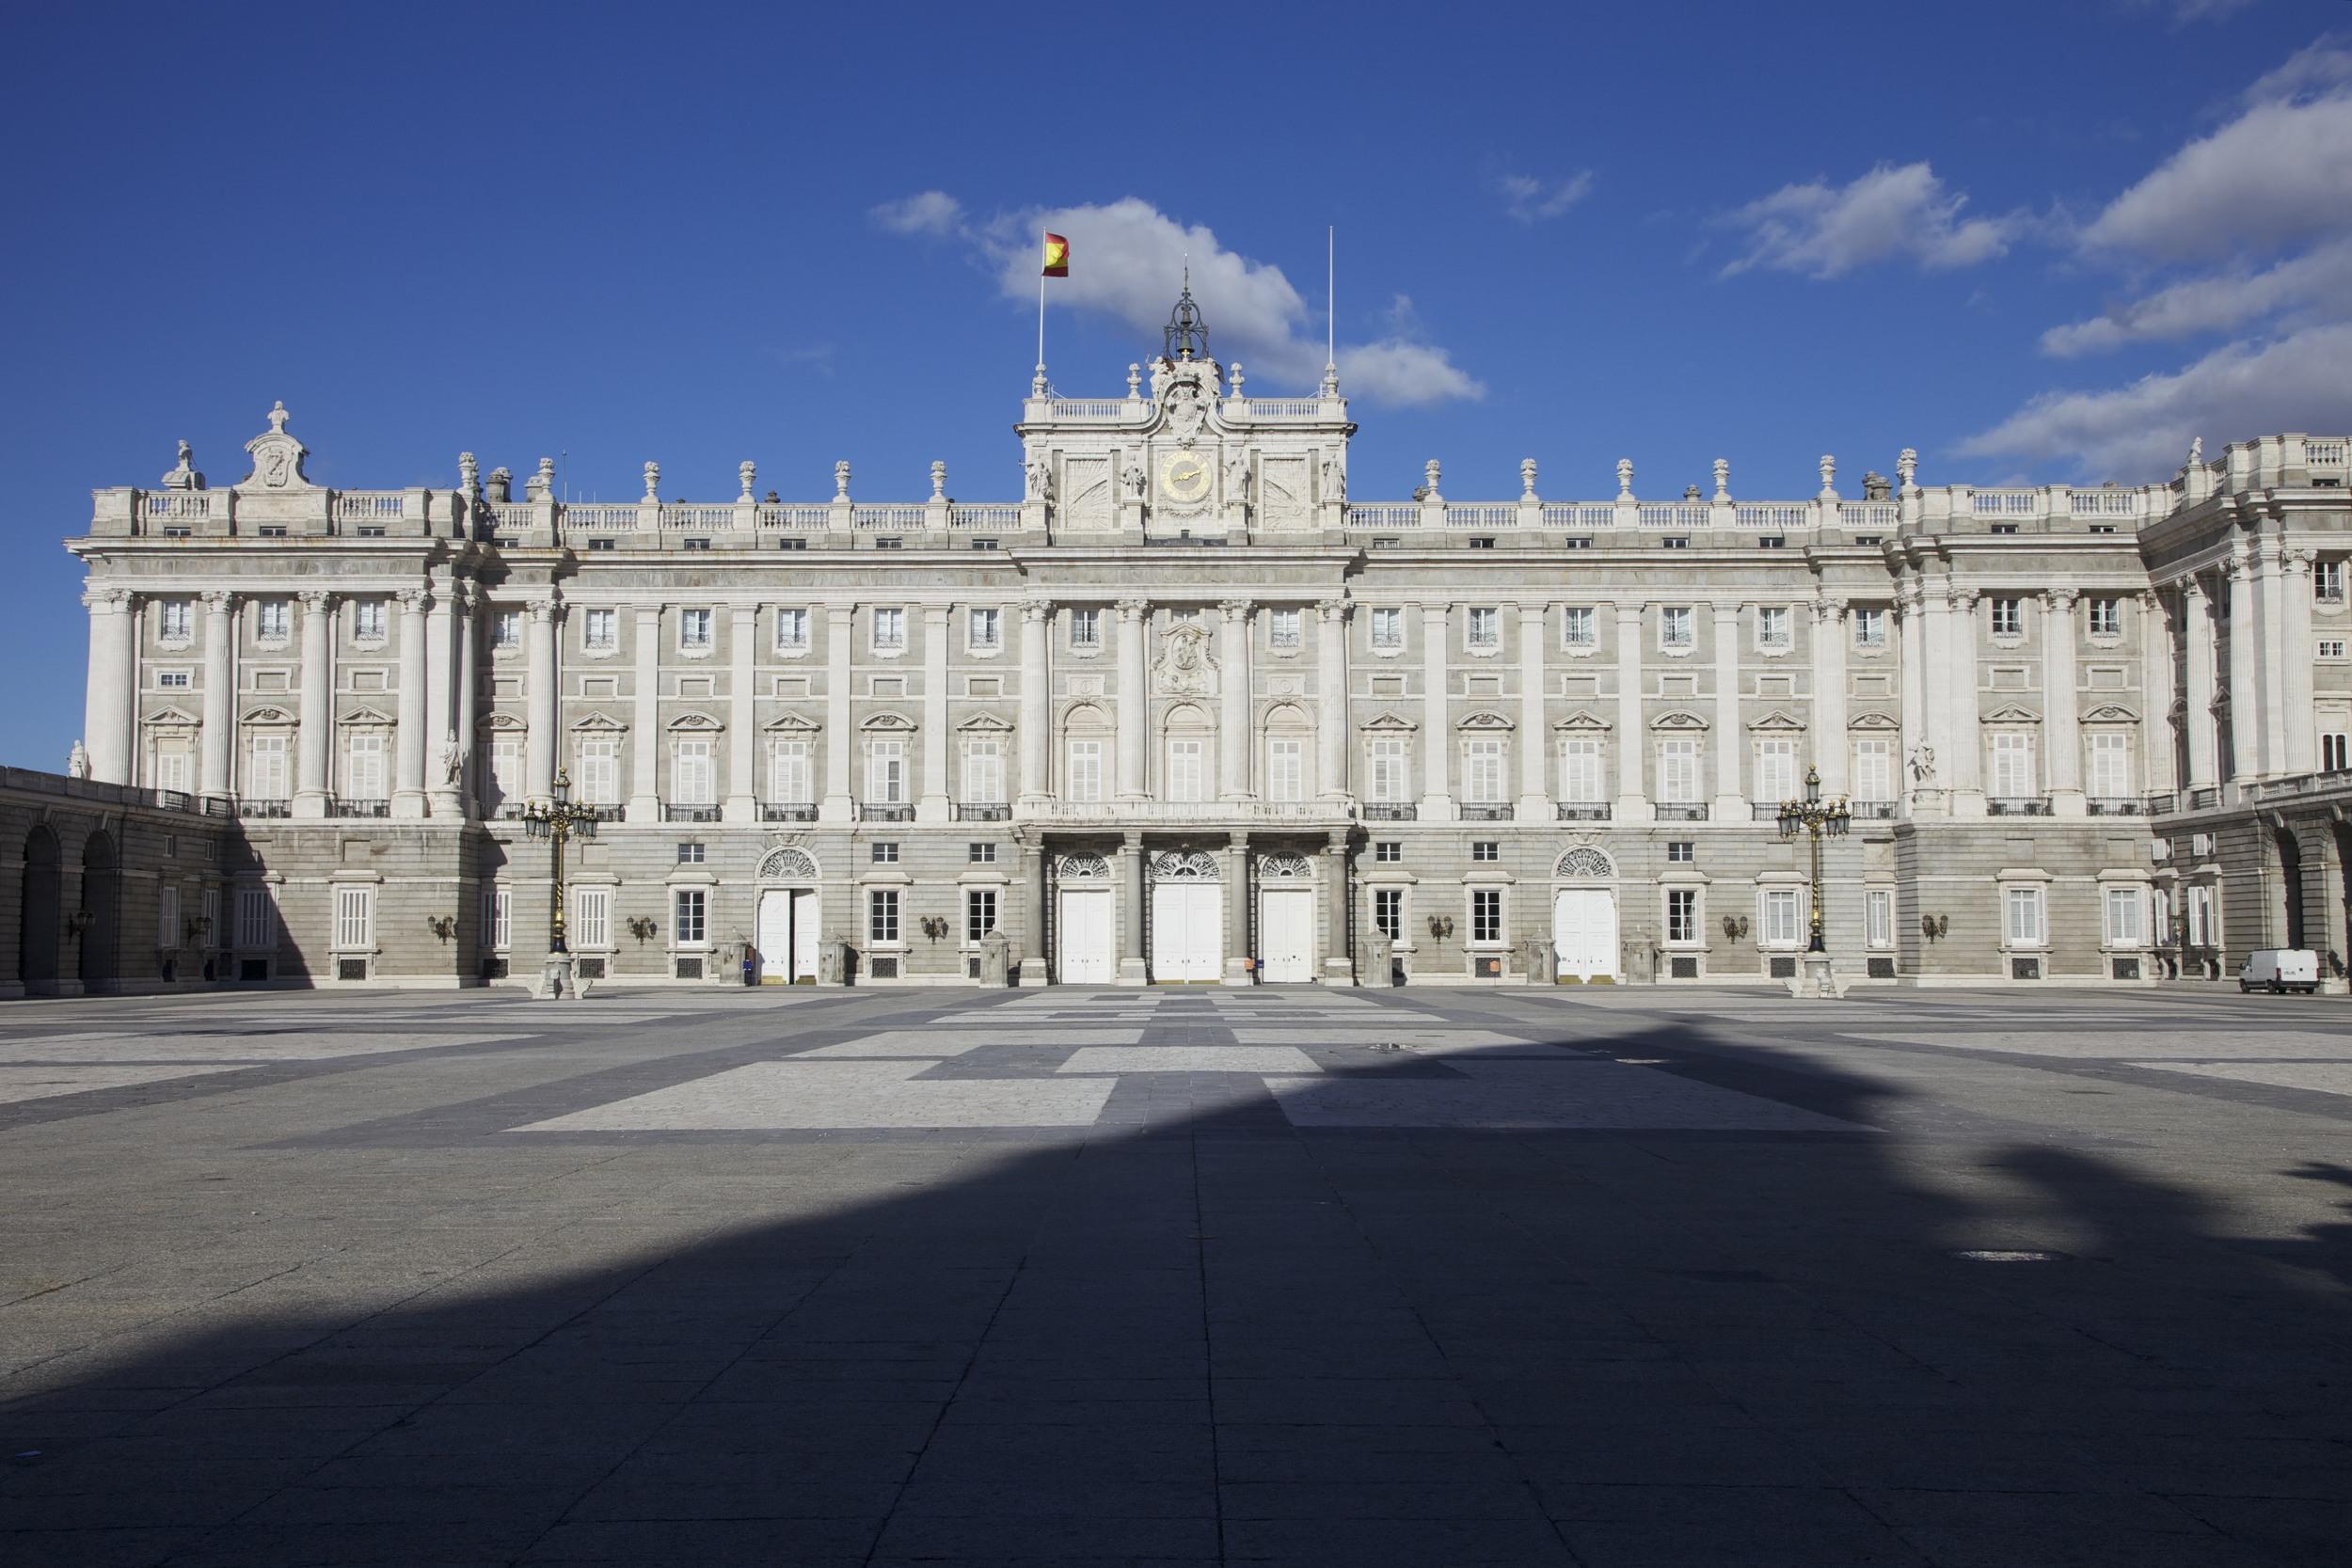 Palacio Real in Madríd.